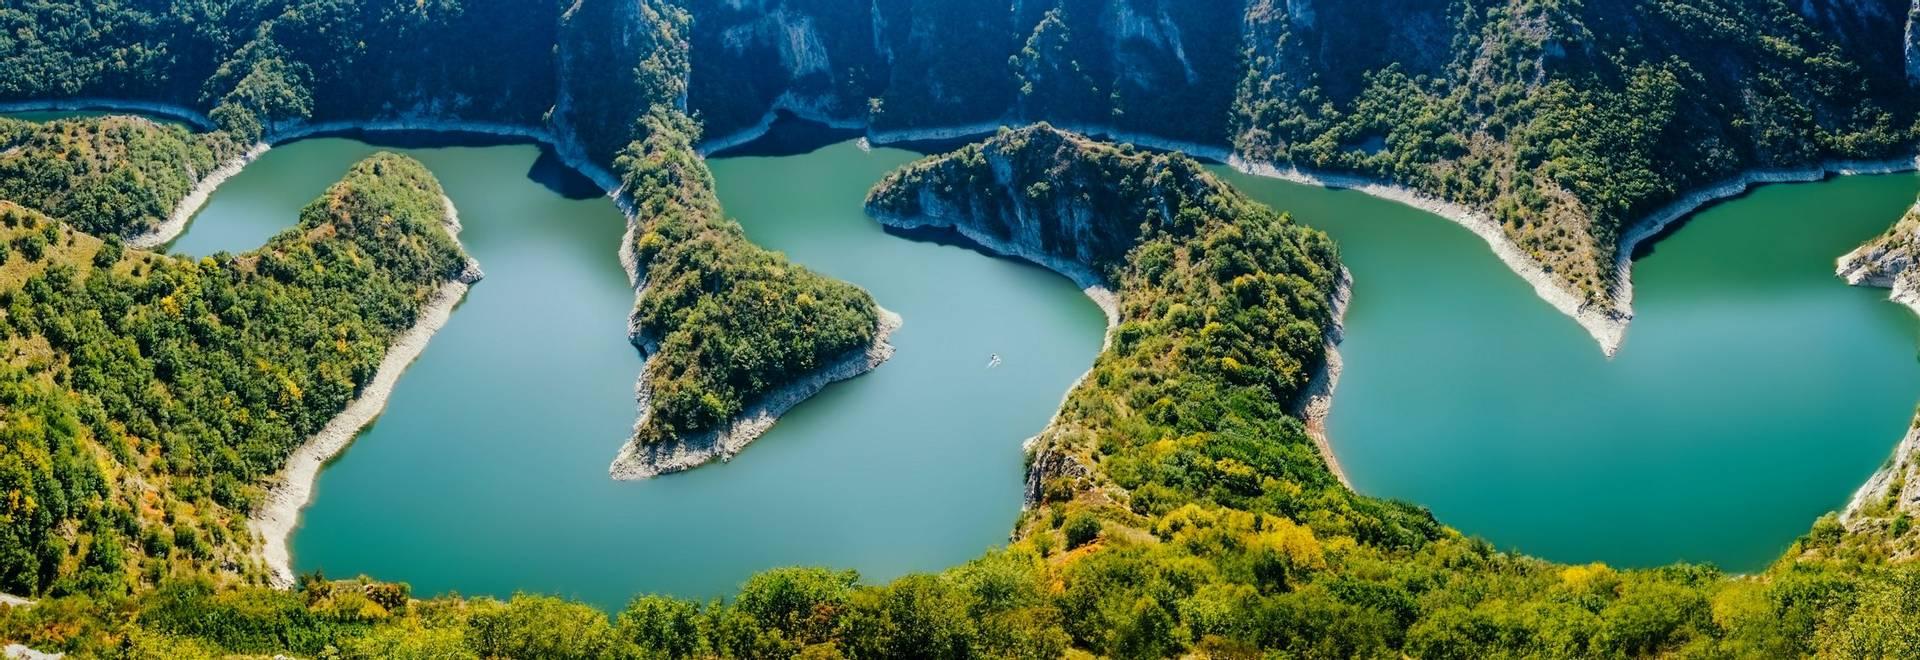 GettyImages-992156678 Uvac meanders, Serbia.jpg